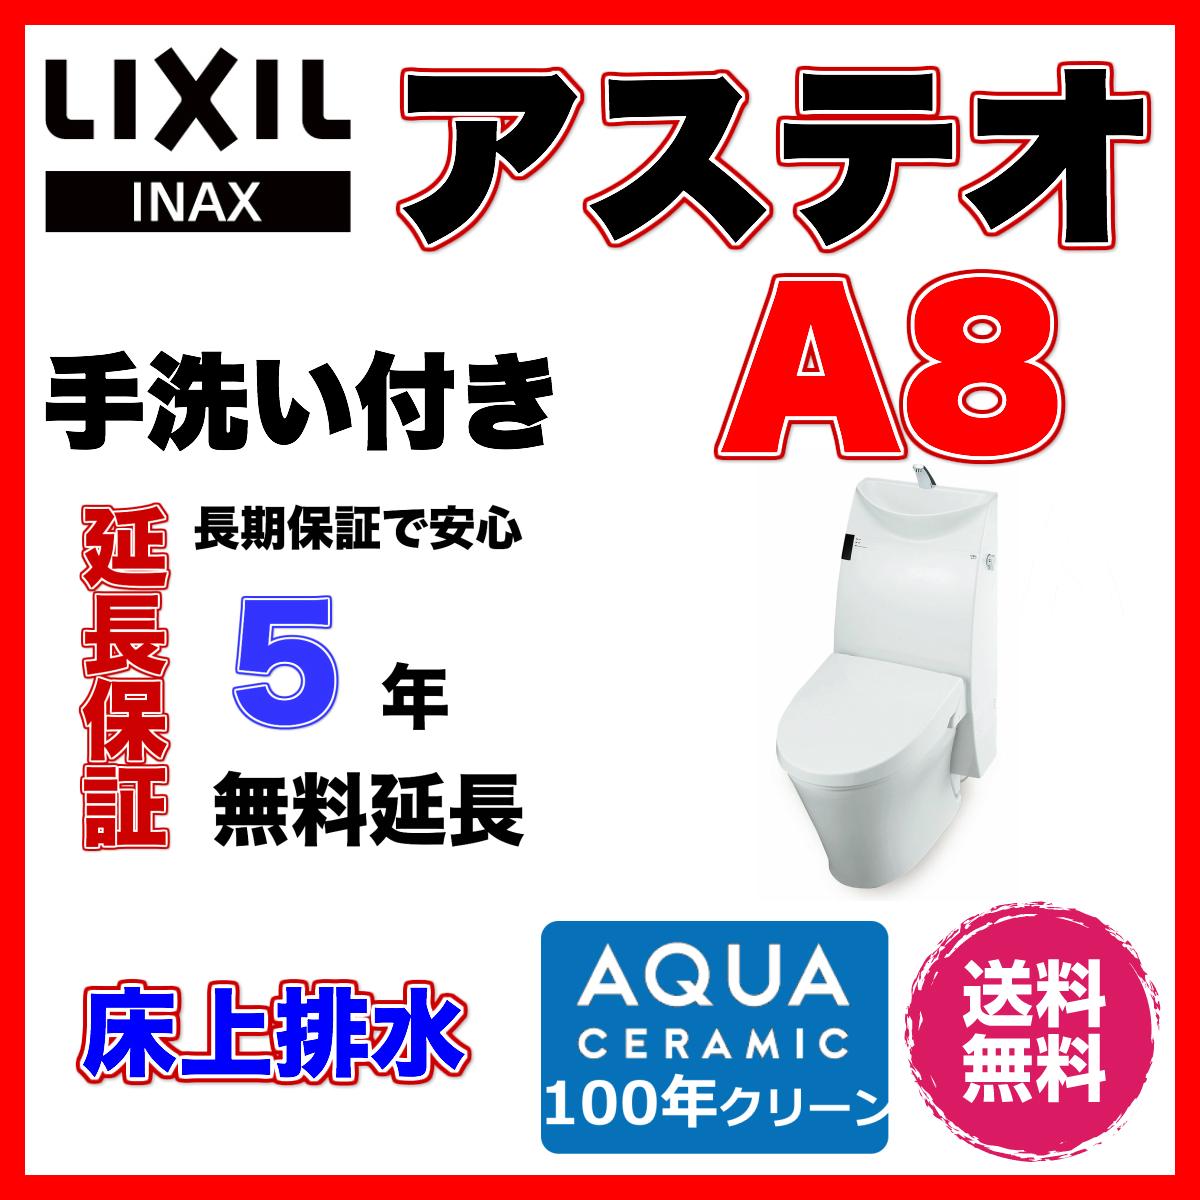 アステオ A8タイプ LIXIL トイレ 【YBC-A10P+DT-388J 】手洗い付 床上排水 ECO6 アクアセラミック付 INAX しっかり流れる タンク付トイレ